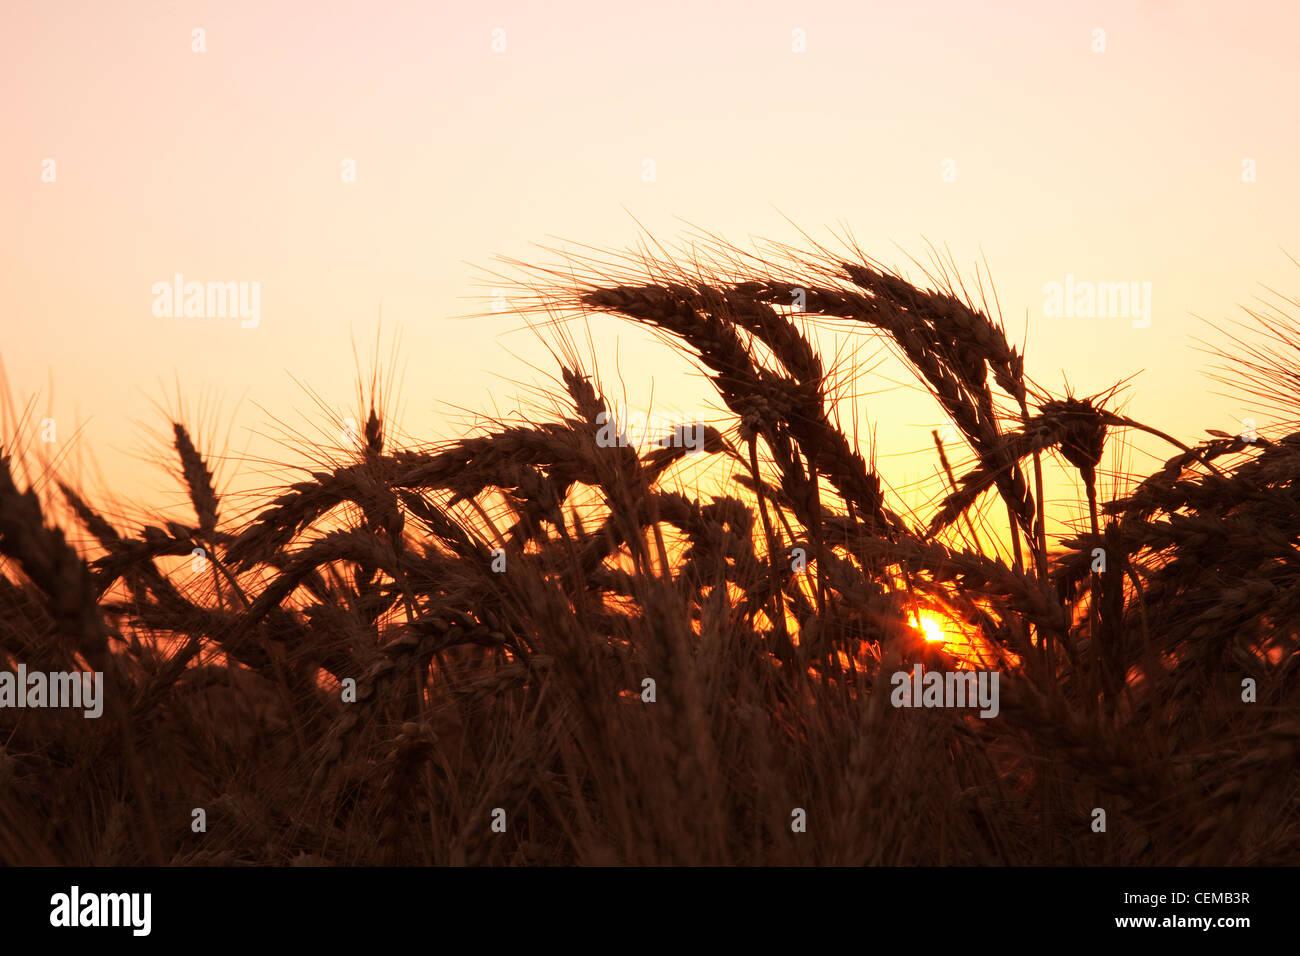 Agricoltura - raccolto maturo stadio soft red winter frumento in tarda primavera al tramonto / Eastern Arkansas, Immagini Stock